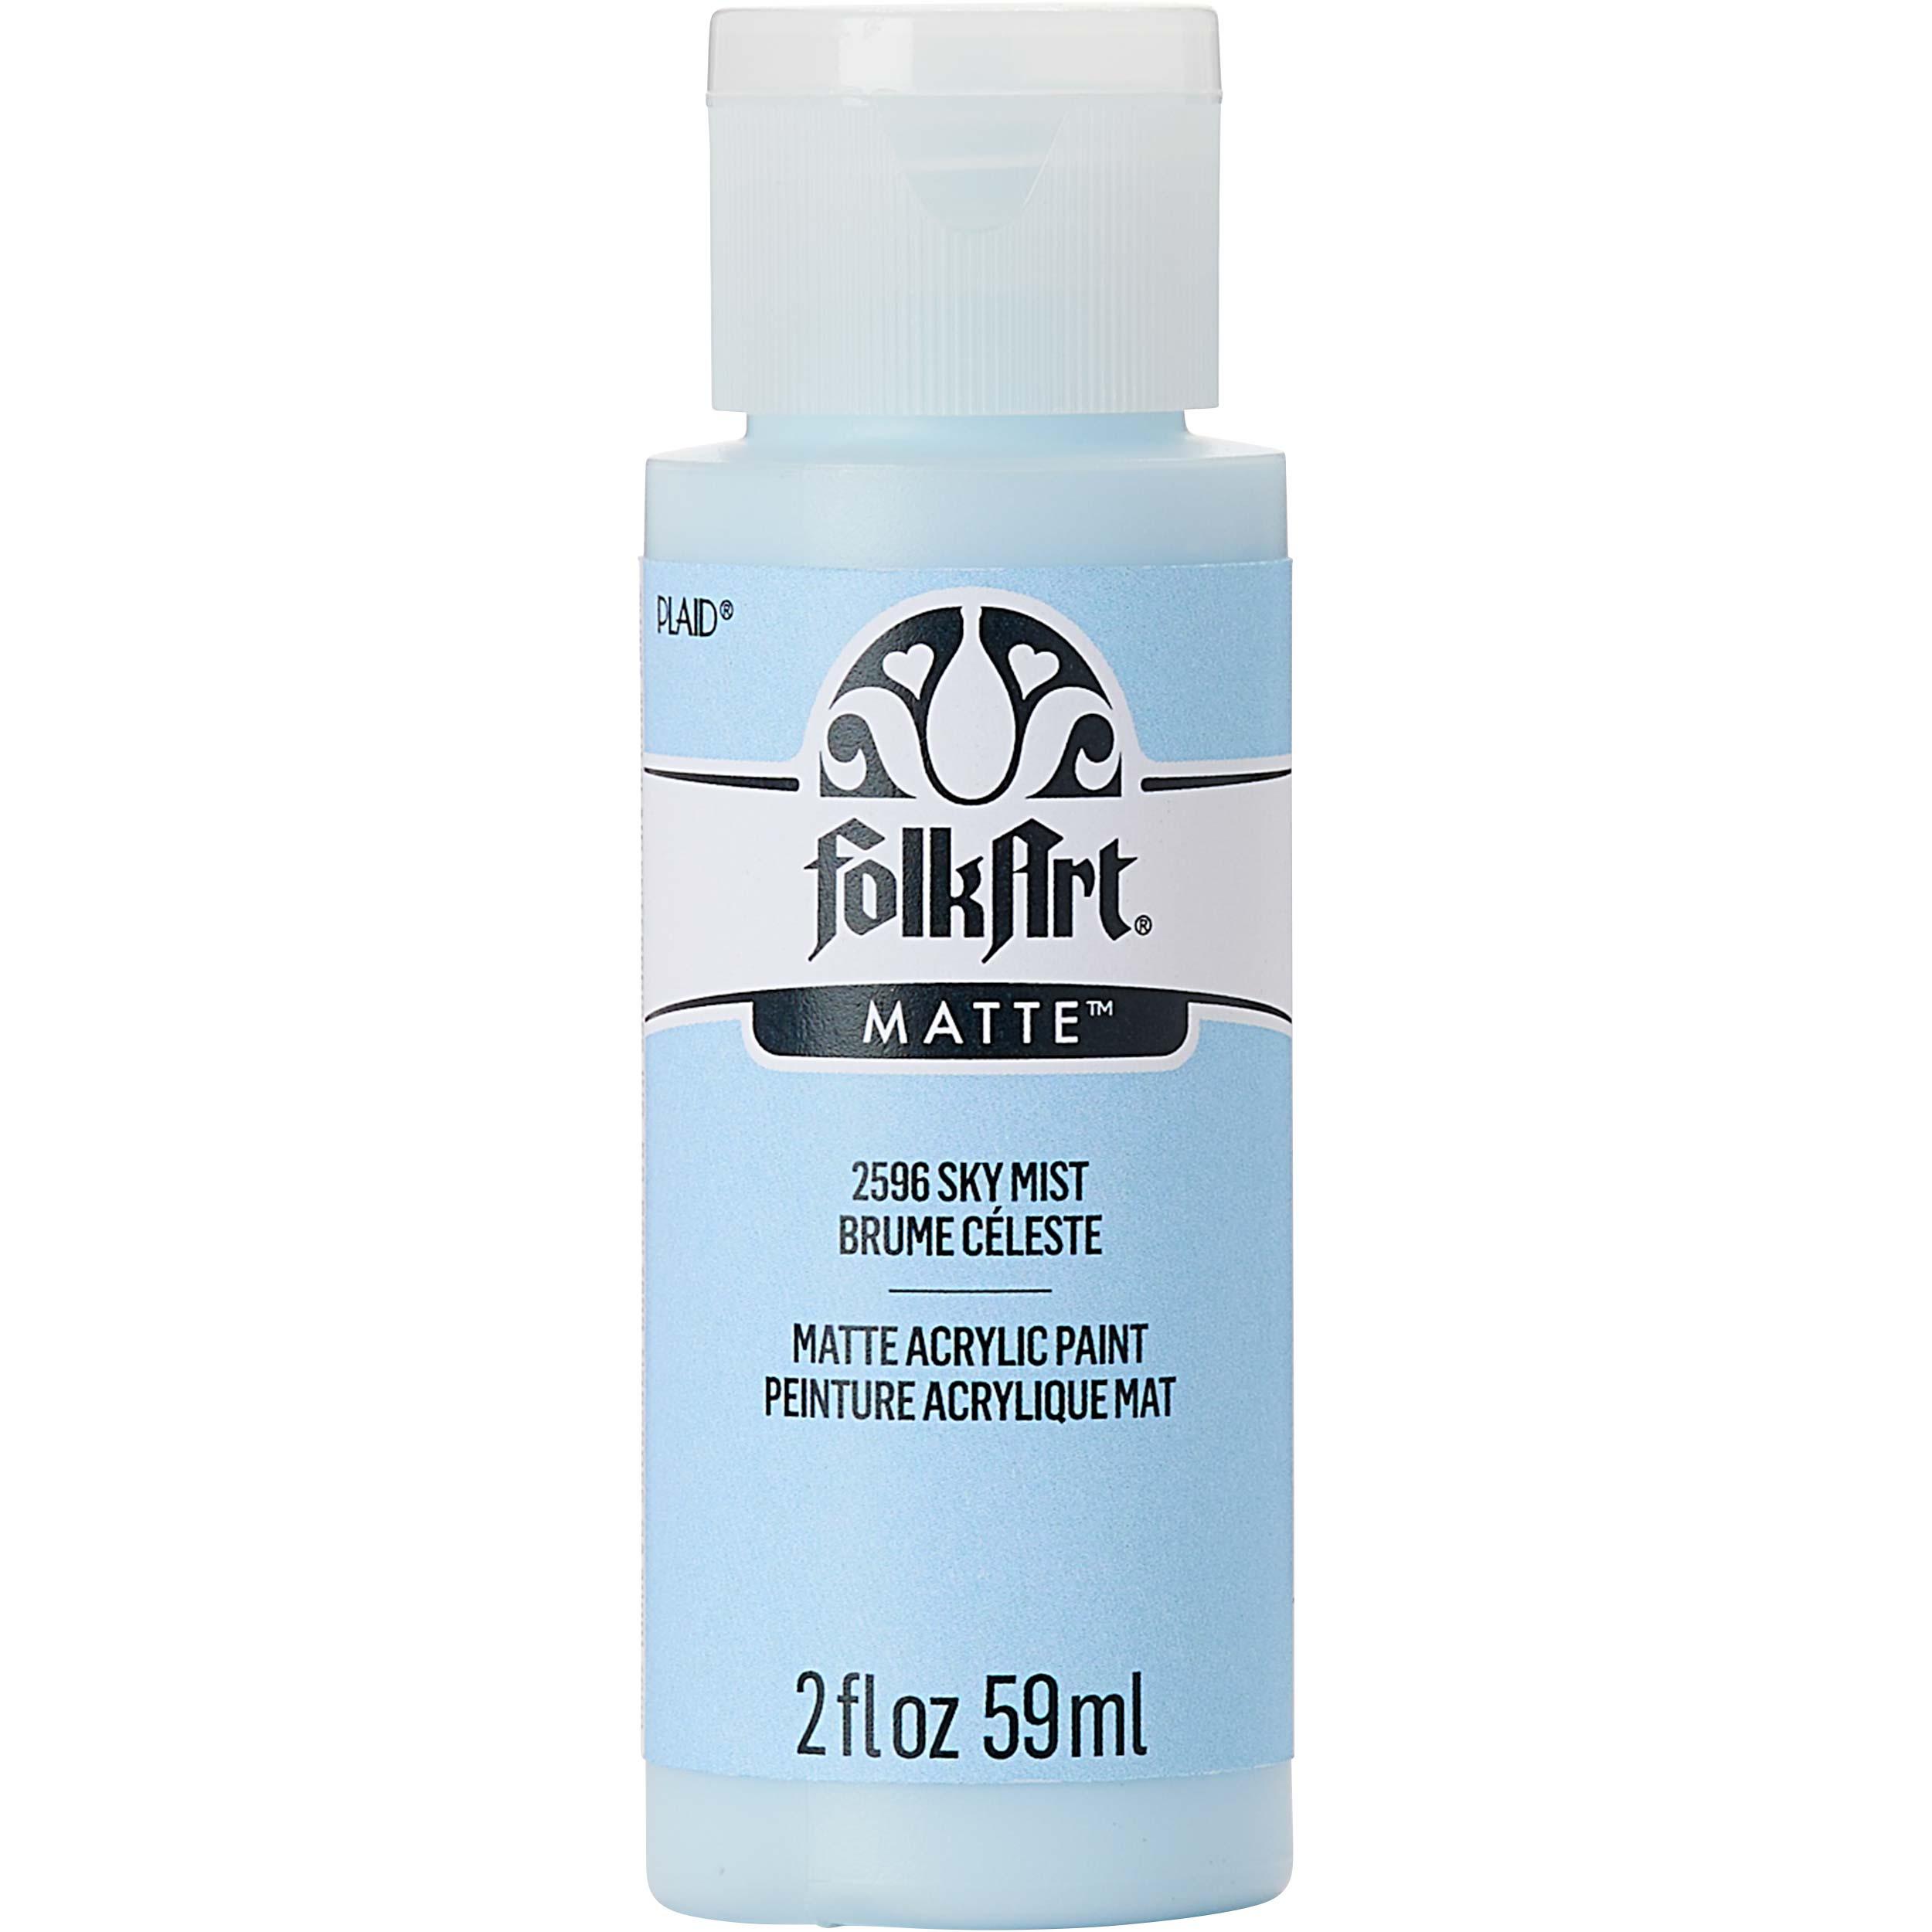 FolkArt ® Acrylic Colors - Sky Mist, 2 oz. - 2596